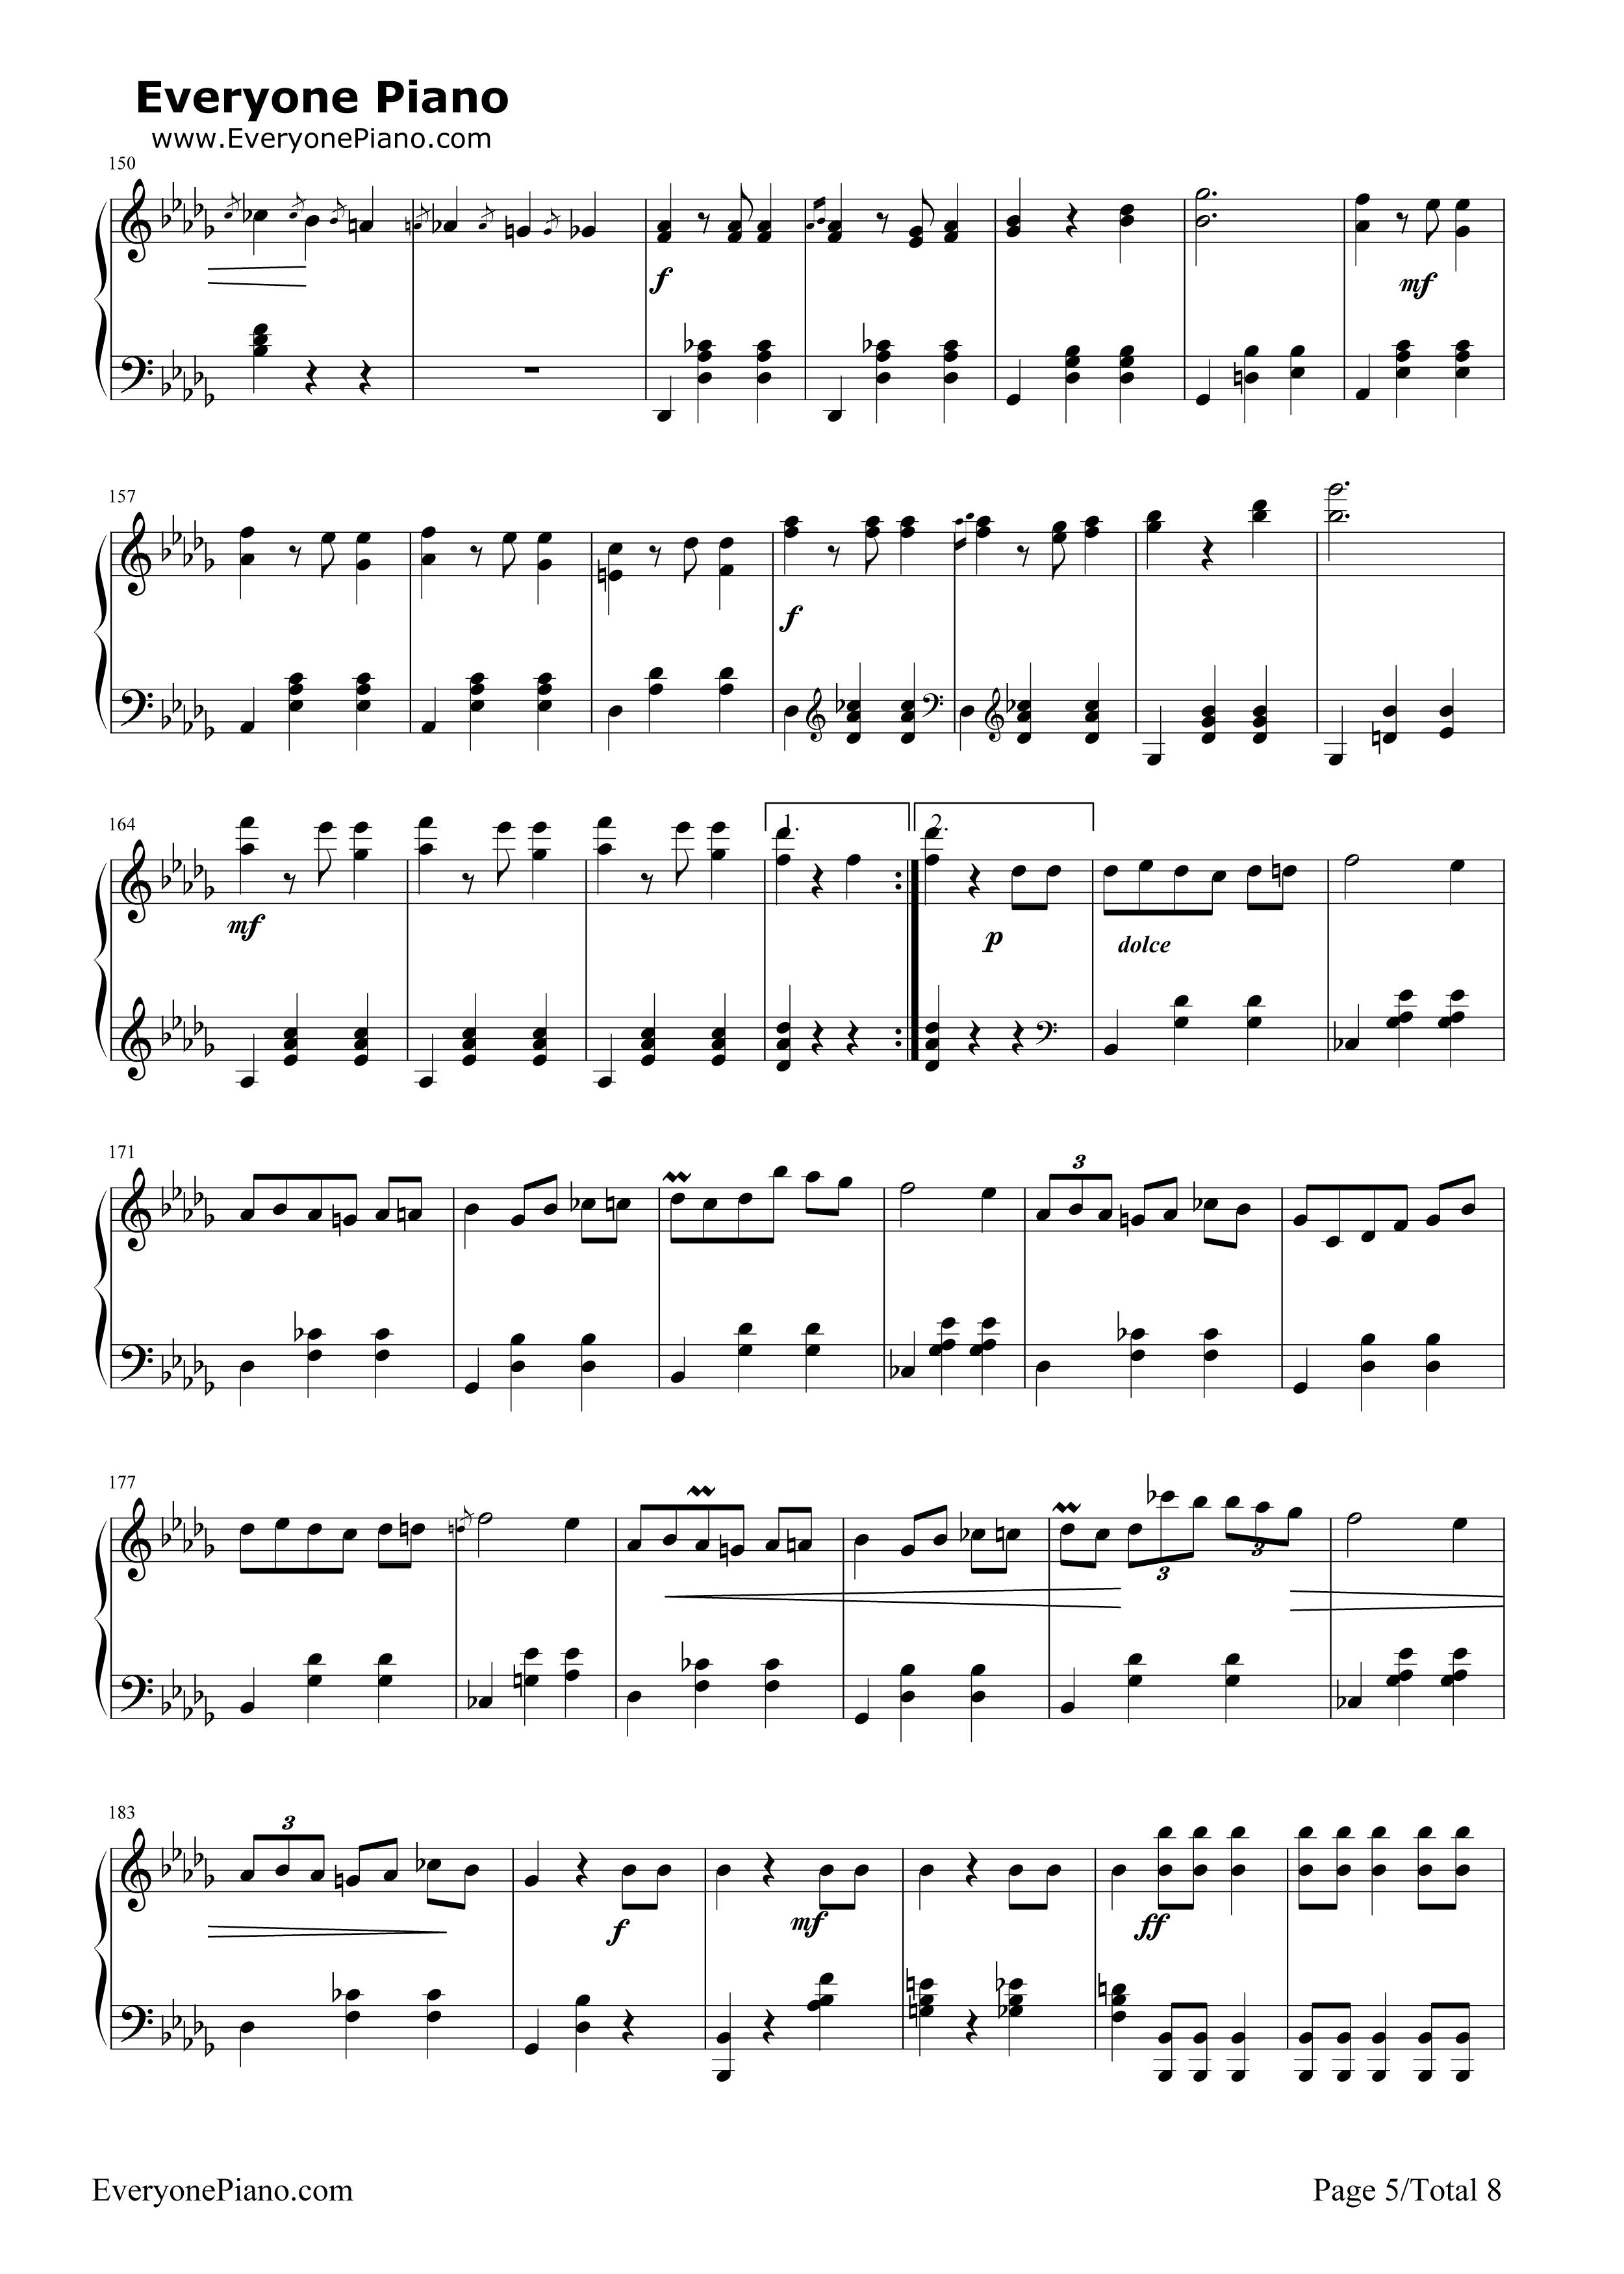 钢琴曲谱 练习曲 华丽大圆舞曲-肖邦 华丽大圆舞曲-肖邦五线谱预览5